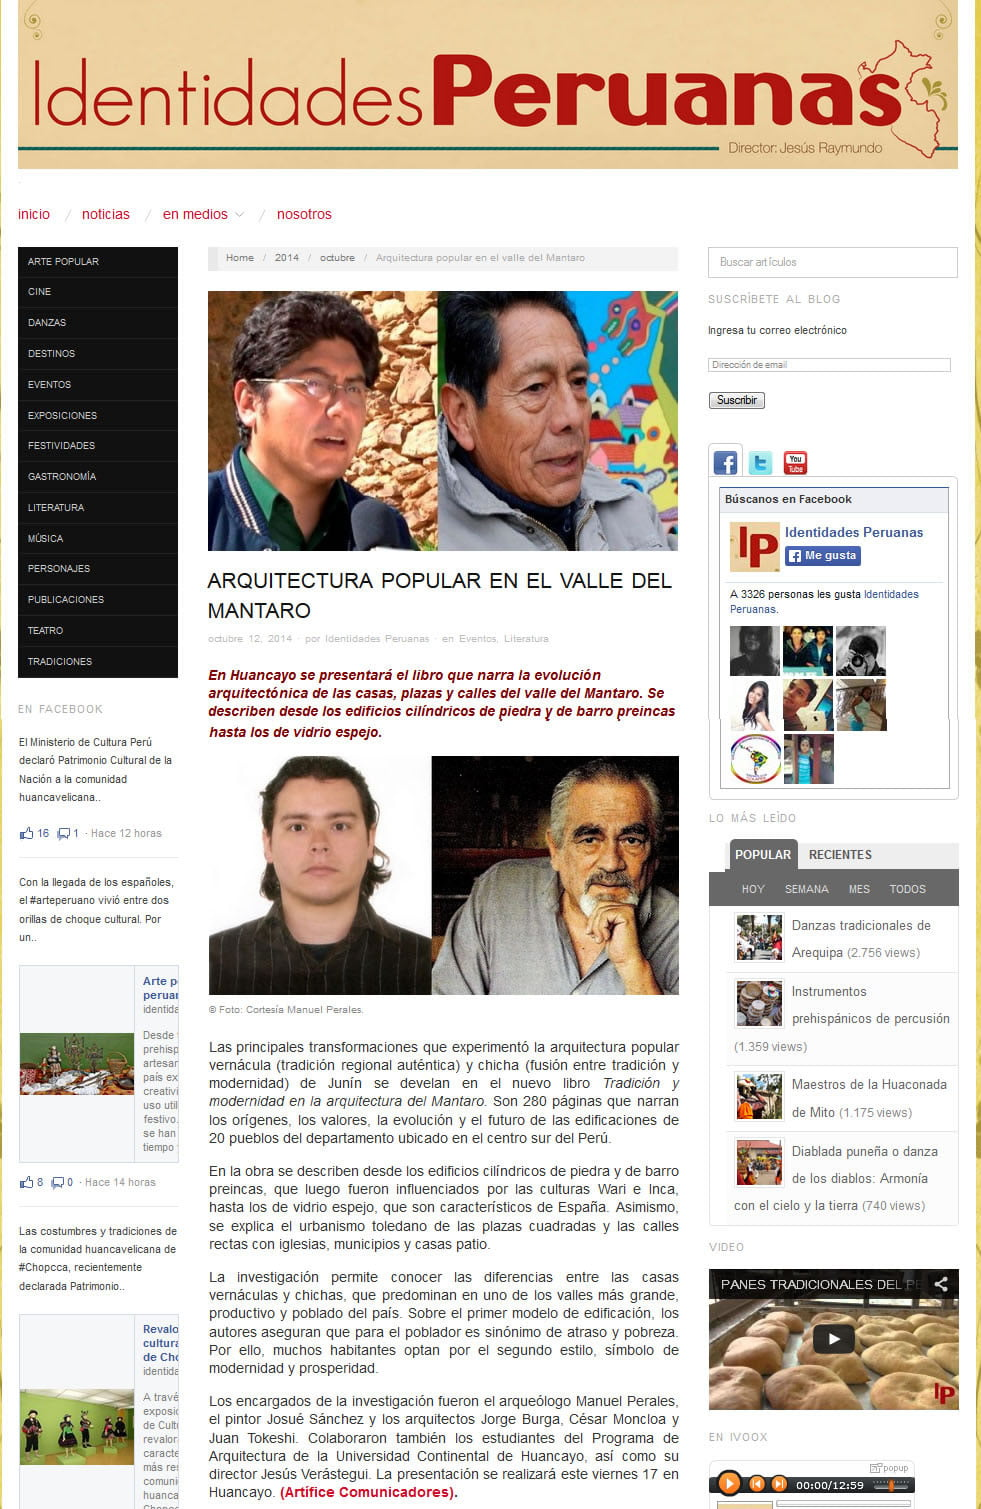 12_identidades_peruanas